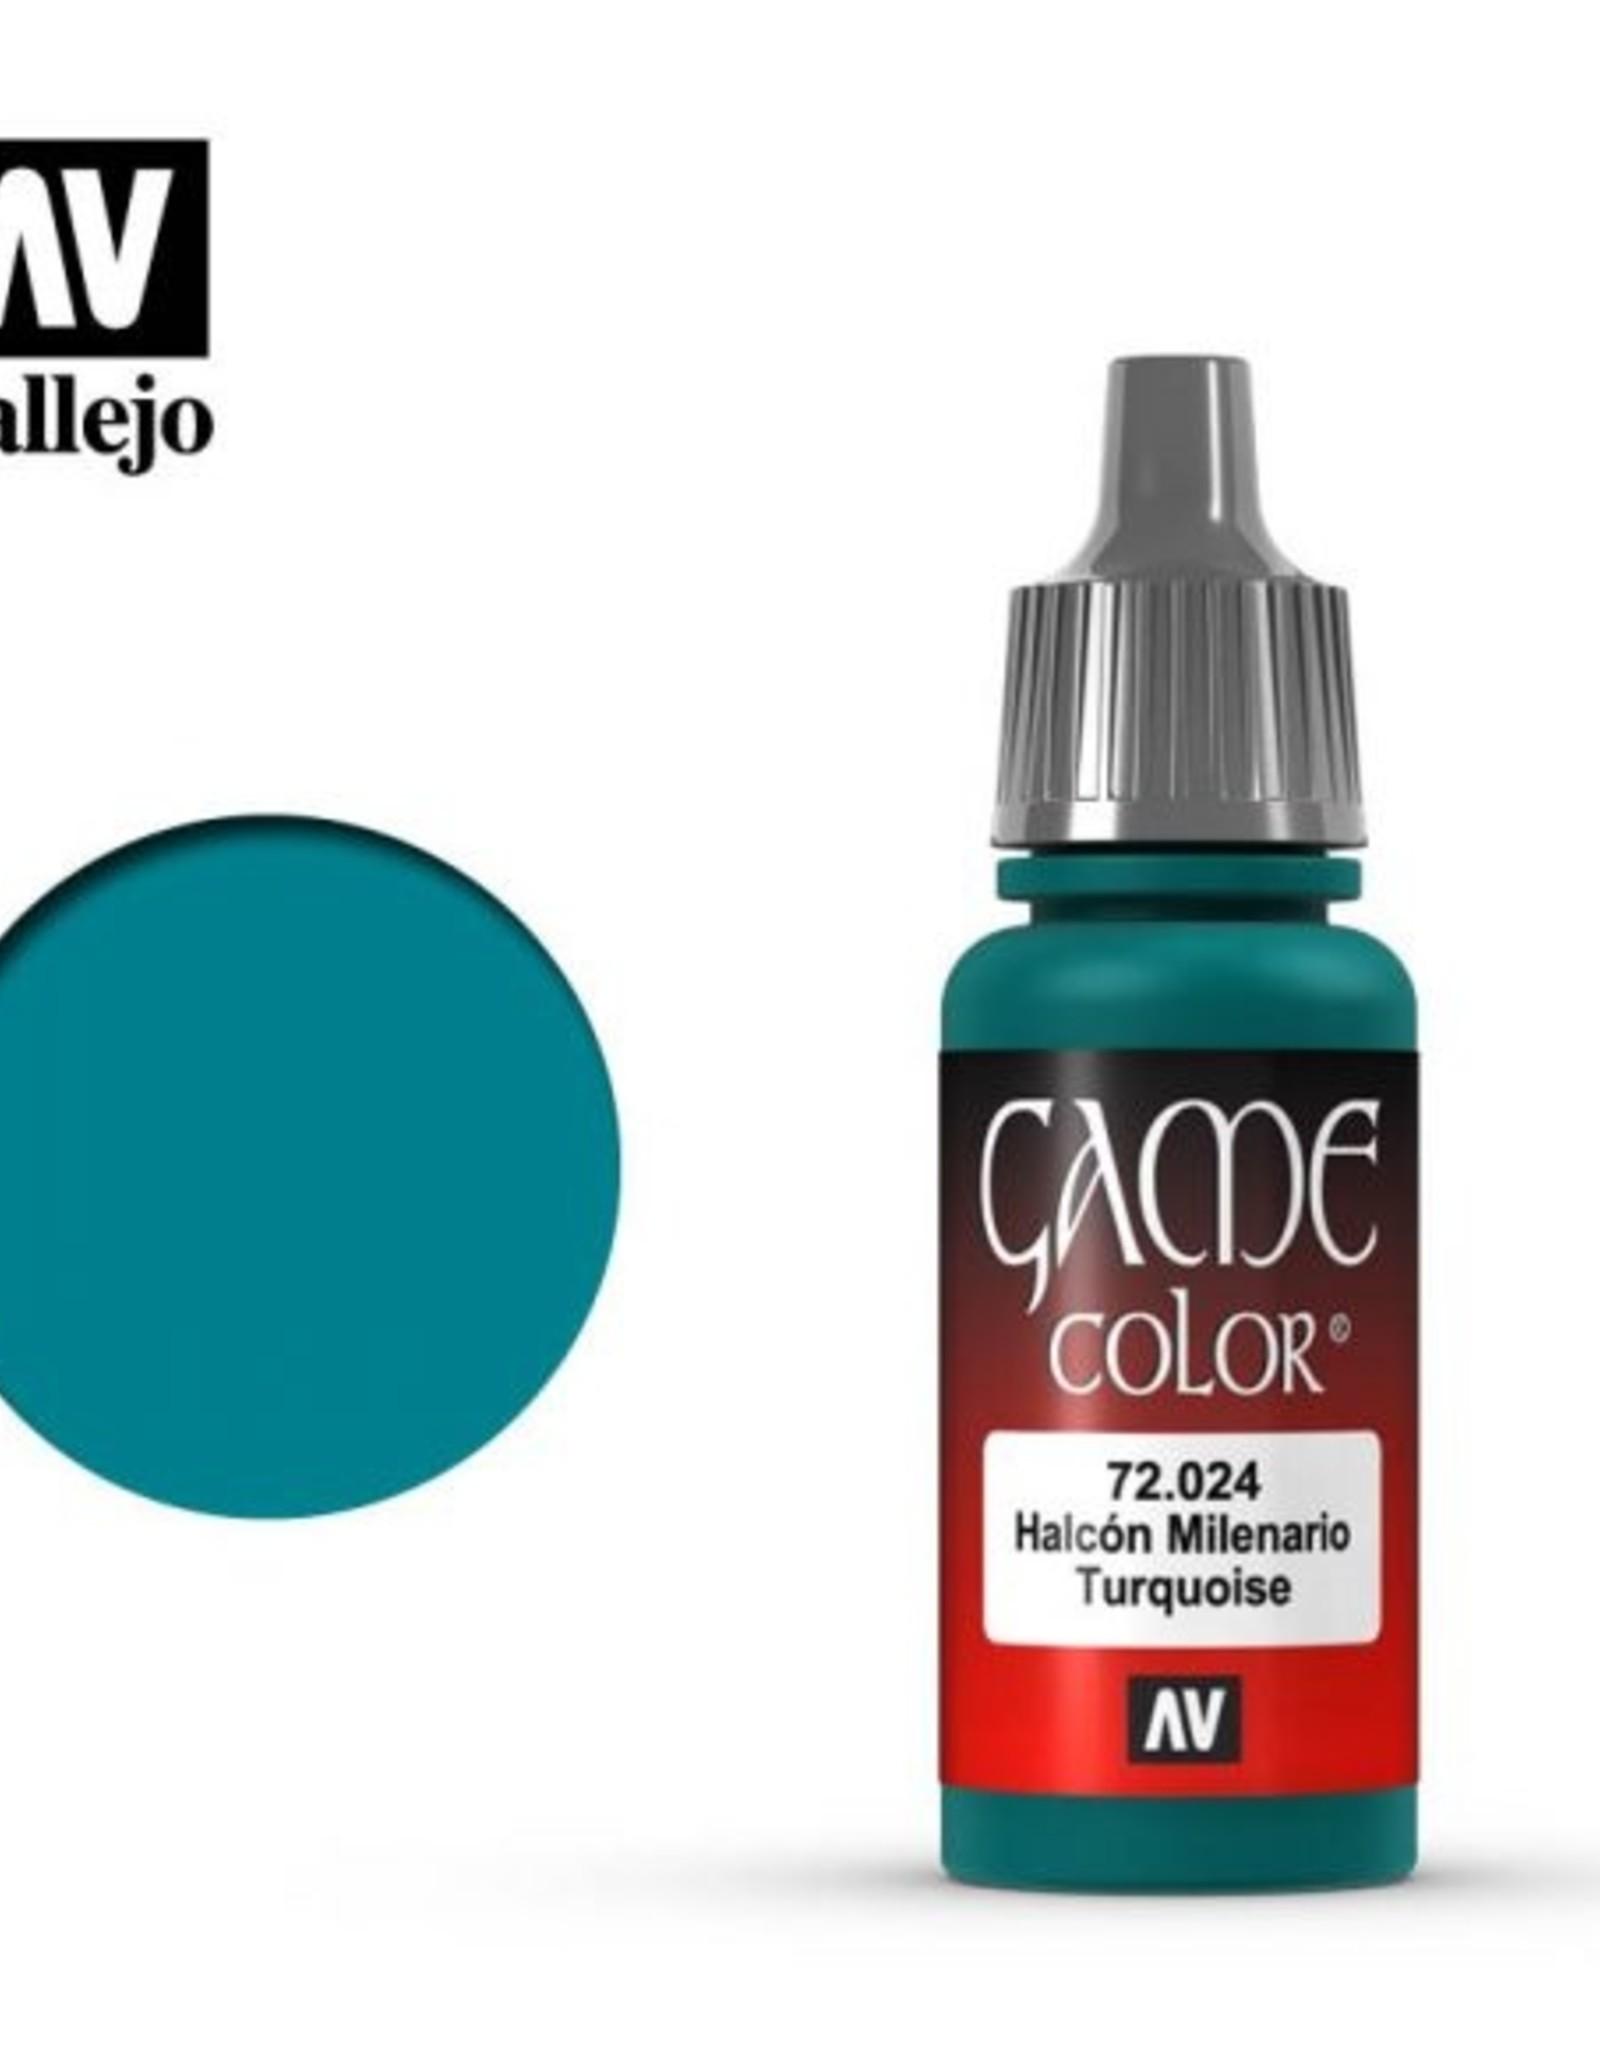 Vallejo 72.024 Turquoise